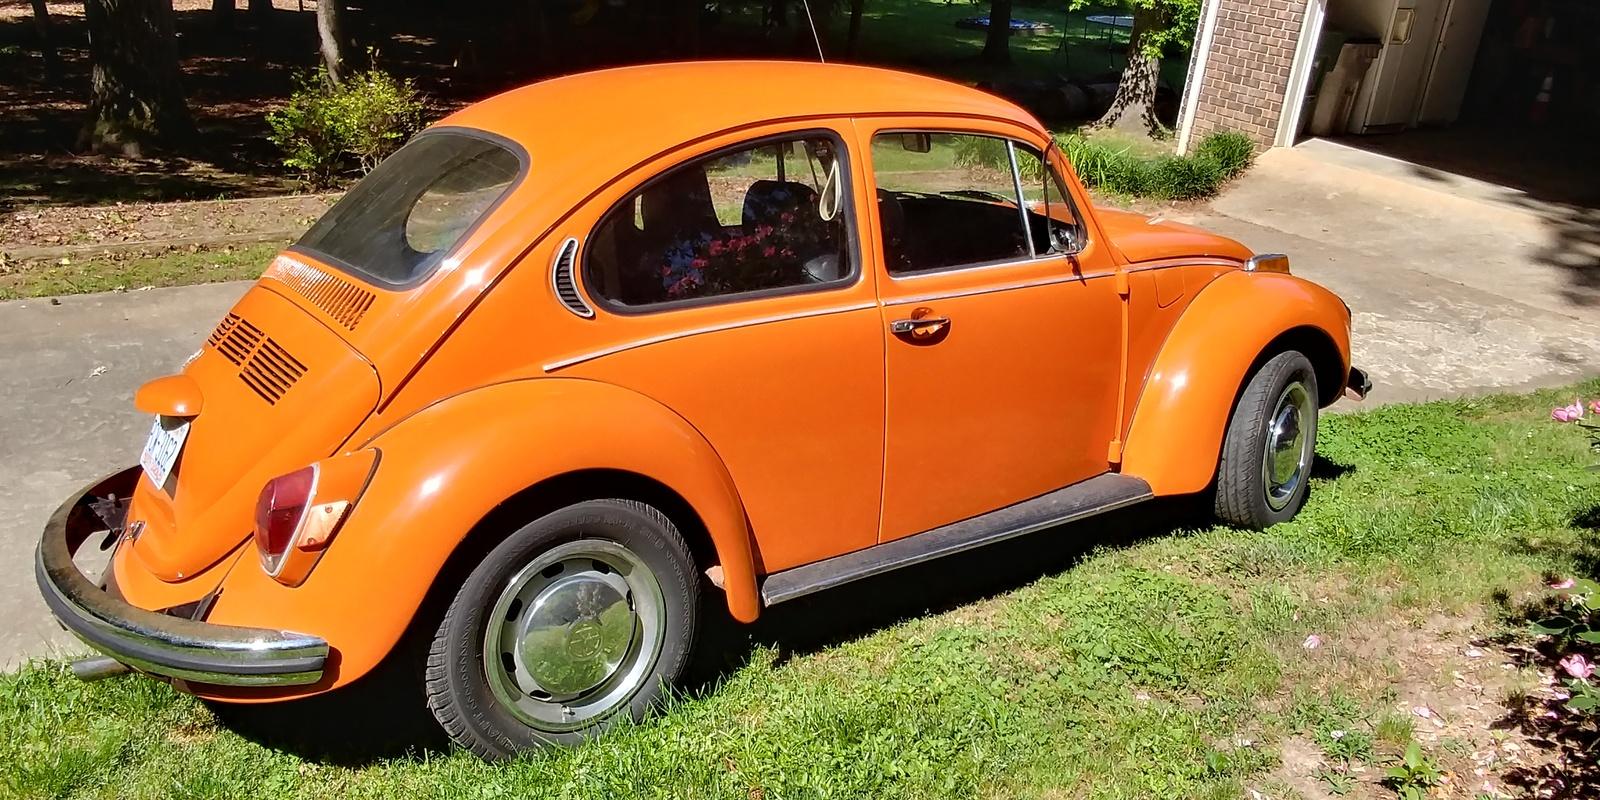 1972 Volkswagen Super Beetle - Overview - CarGurus